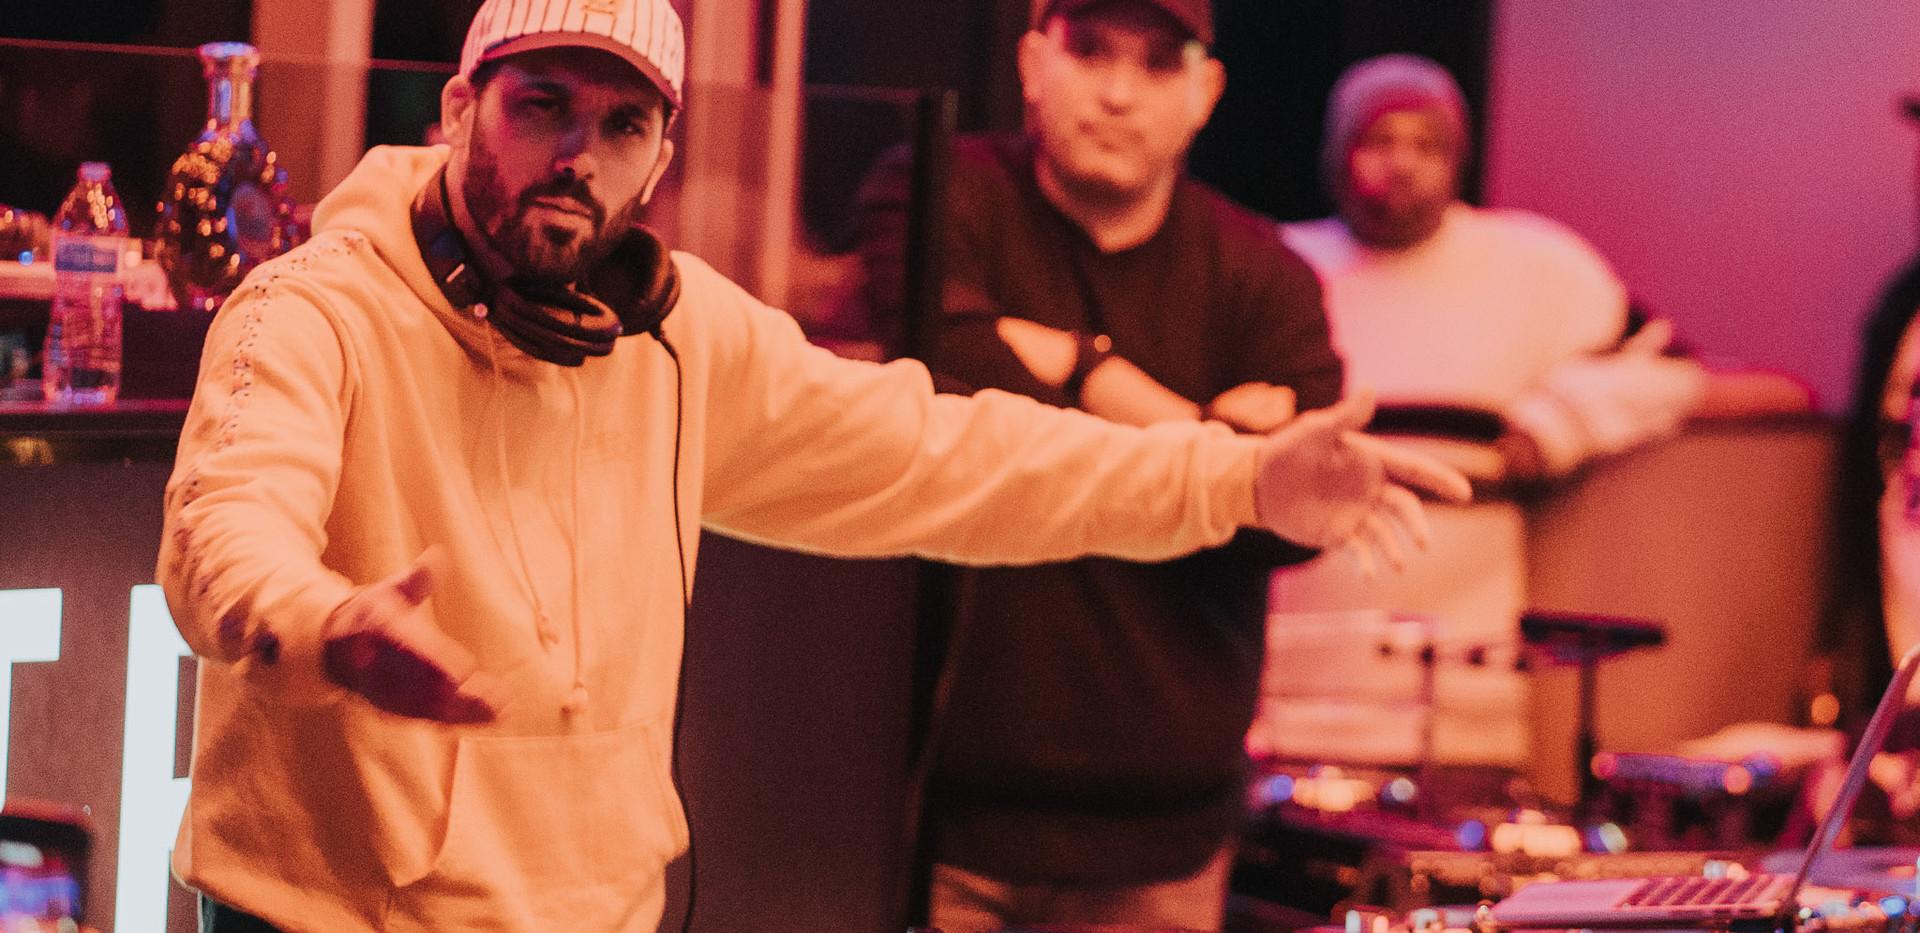 DJ+Blend+Battle+%40++True+%2831+of+247%2